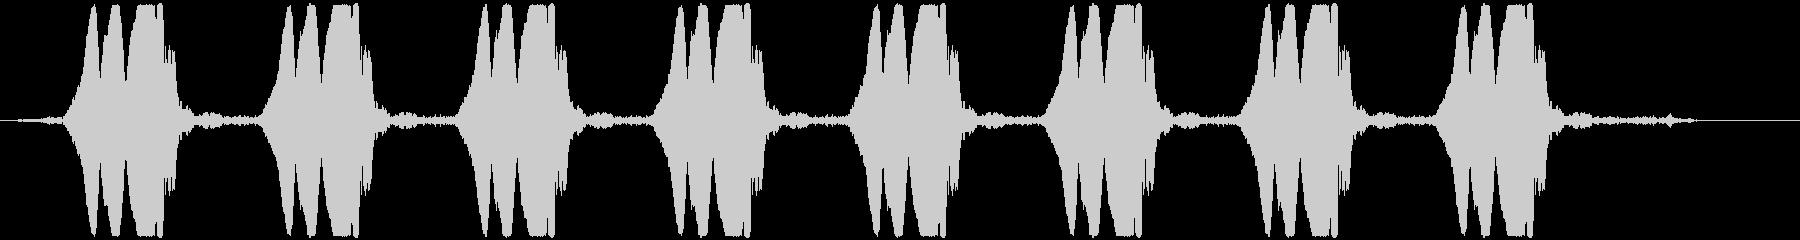 ヒヨヒヨヒヨ… 自主規制音(ピー音)の未再生の波形